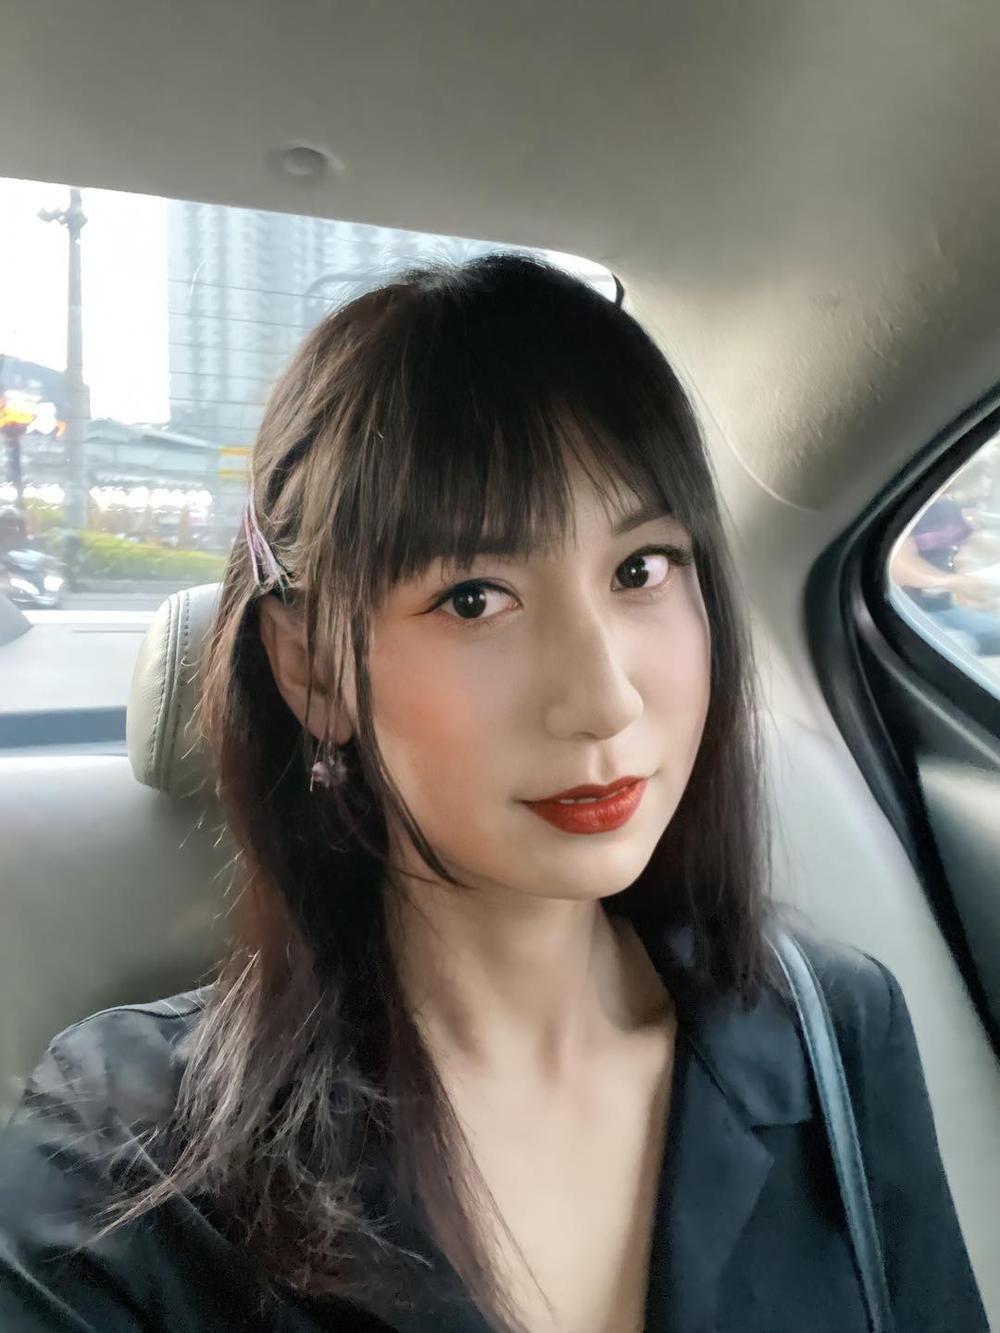 Bạn trai Hòa Minzy khiến dân tình hoang mang khi gọi Lynk Lee là 'em yêu' Ảnh 1